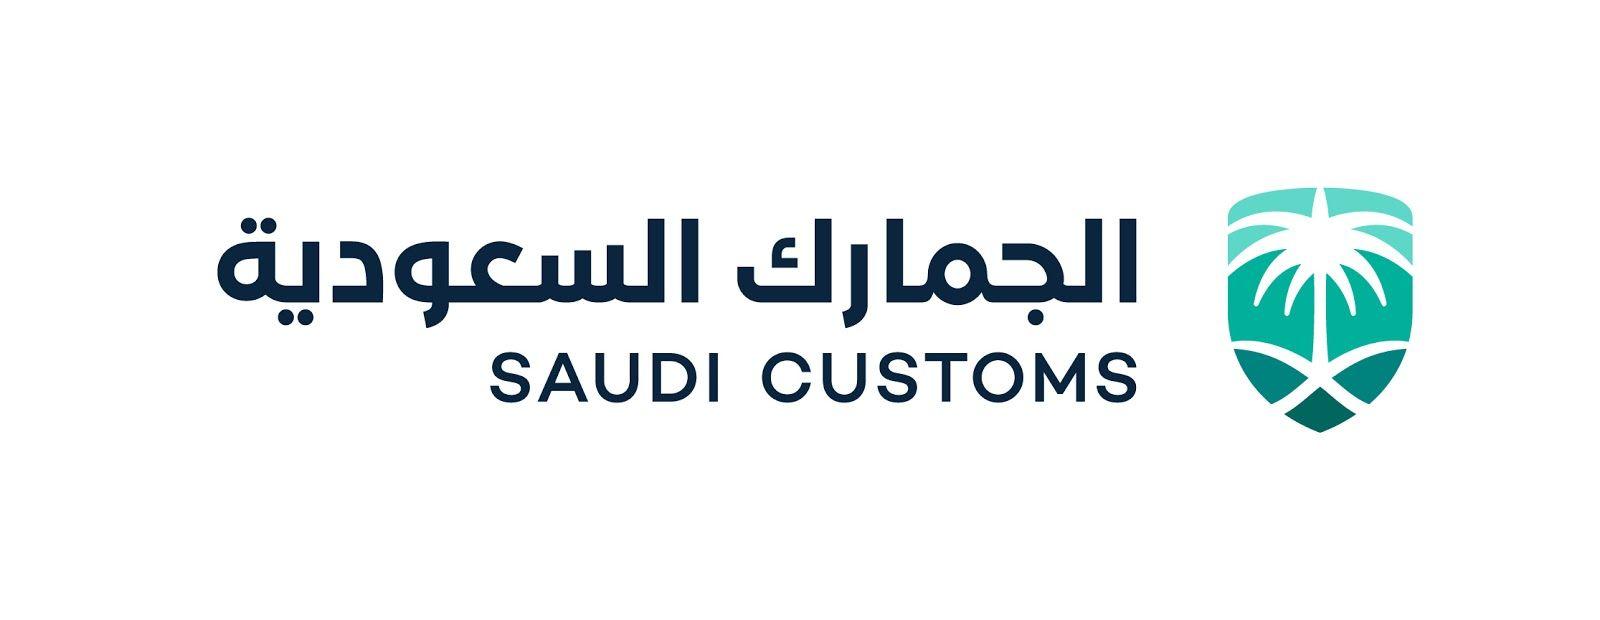 الهيئة العامة للجمارك الجمارك السعودية توف ر وظائف إدارية شاغرة للسعوديين من حم لة شهادات البكالوريوس والماجستي Allianz Logo Tech Company Logos Company Logo